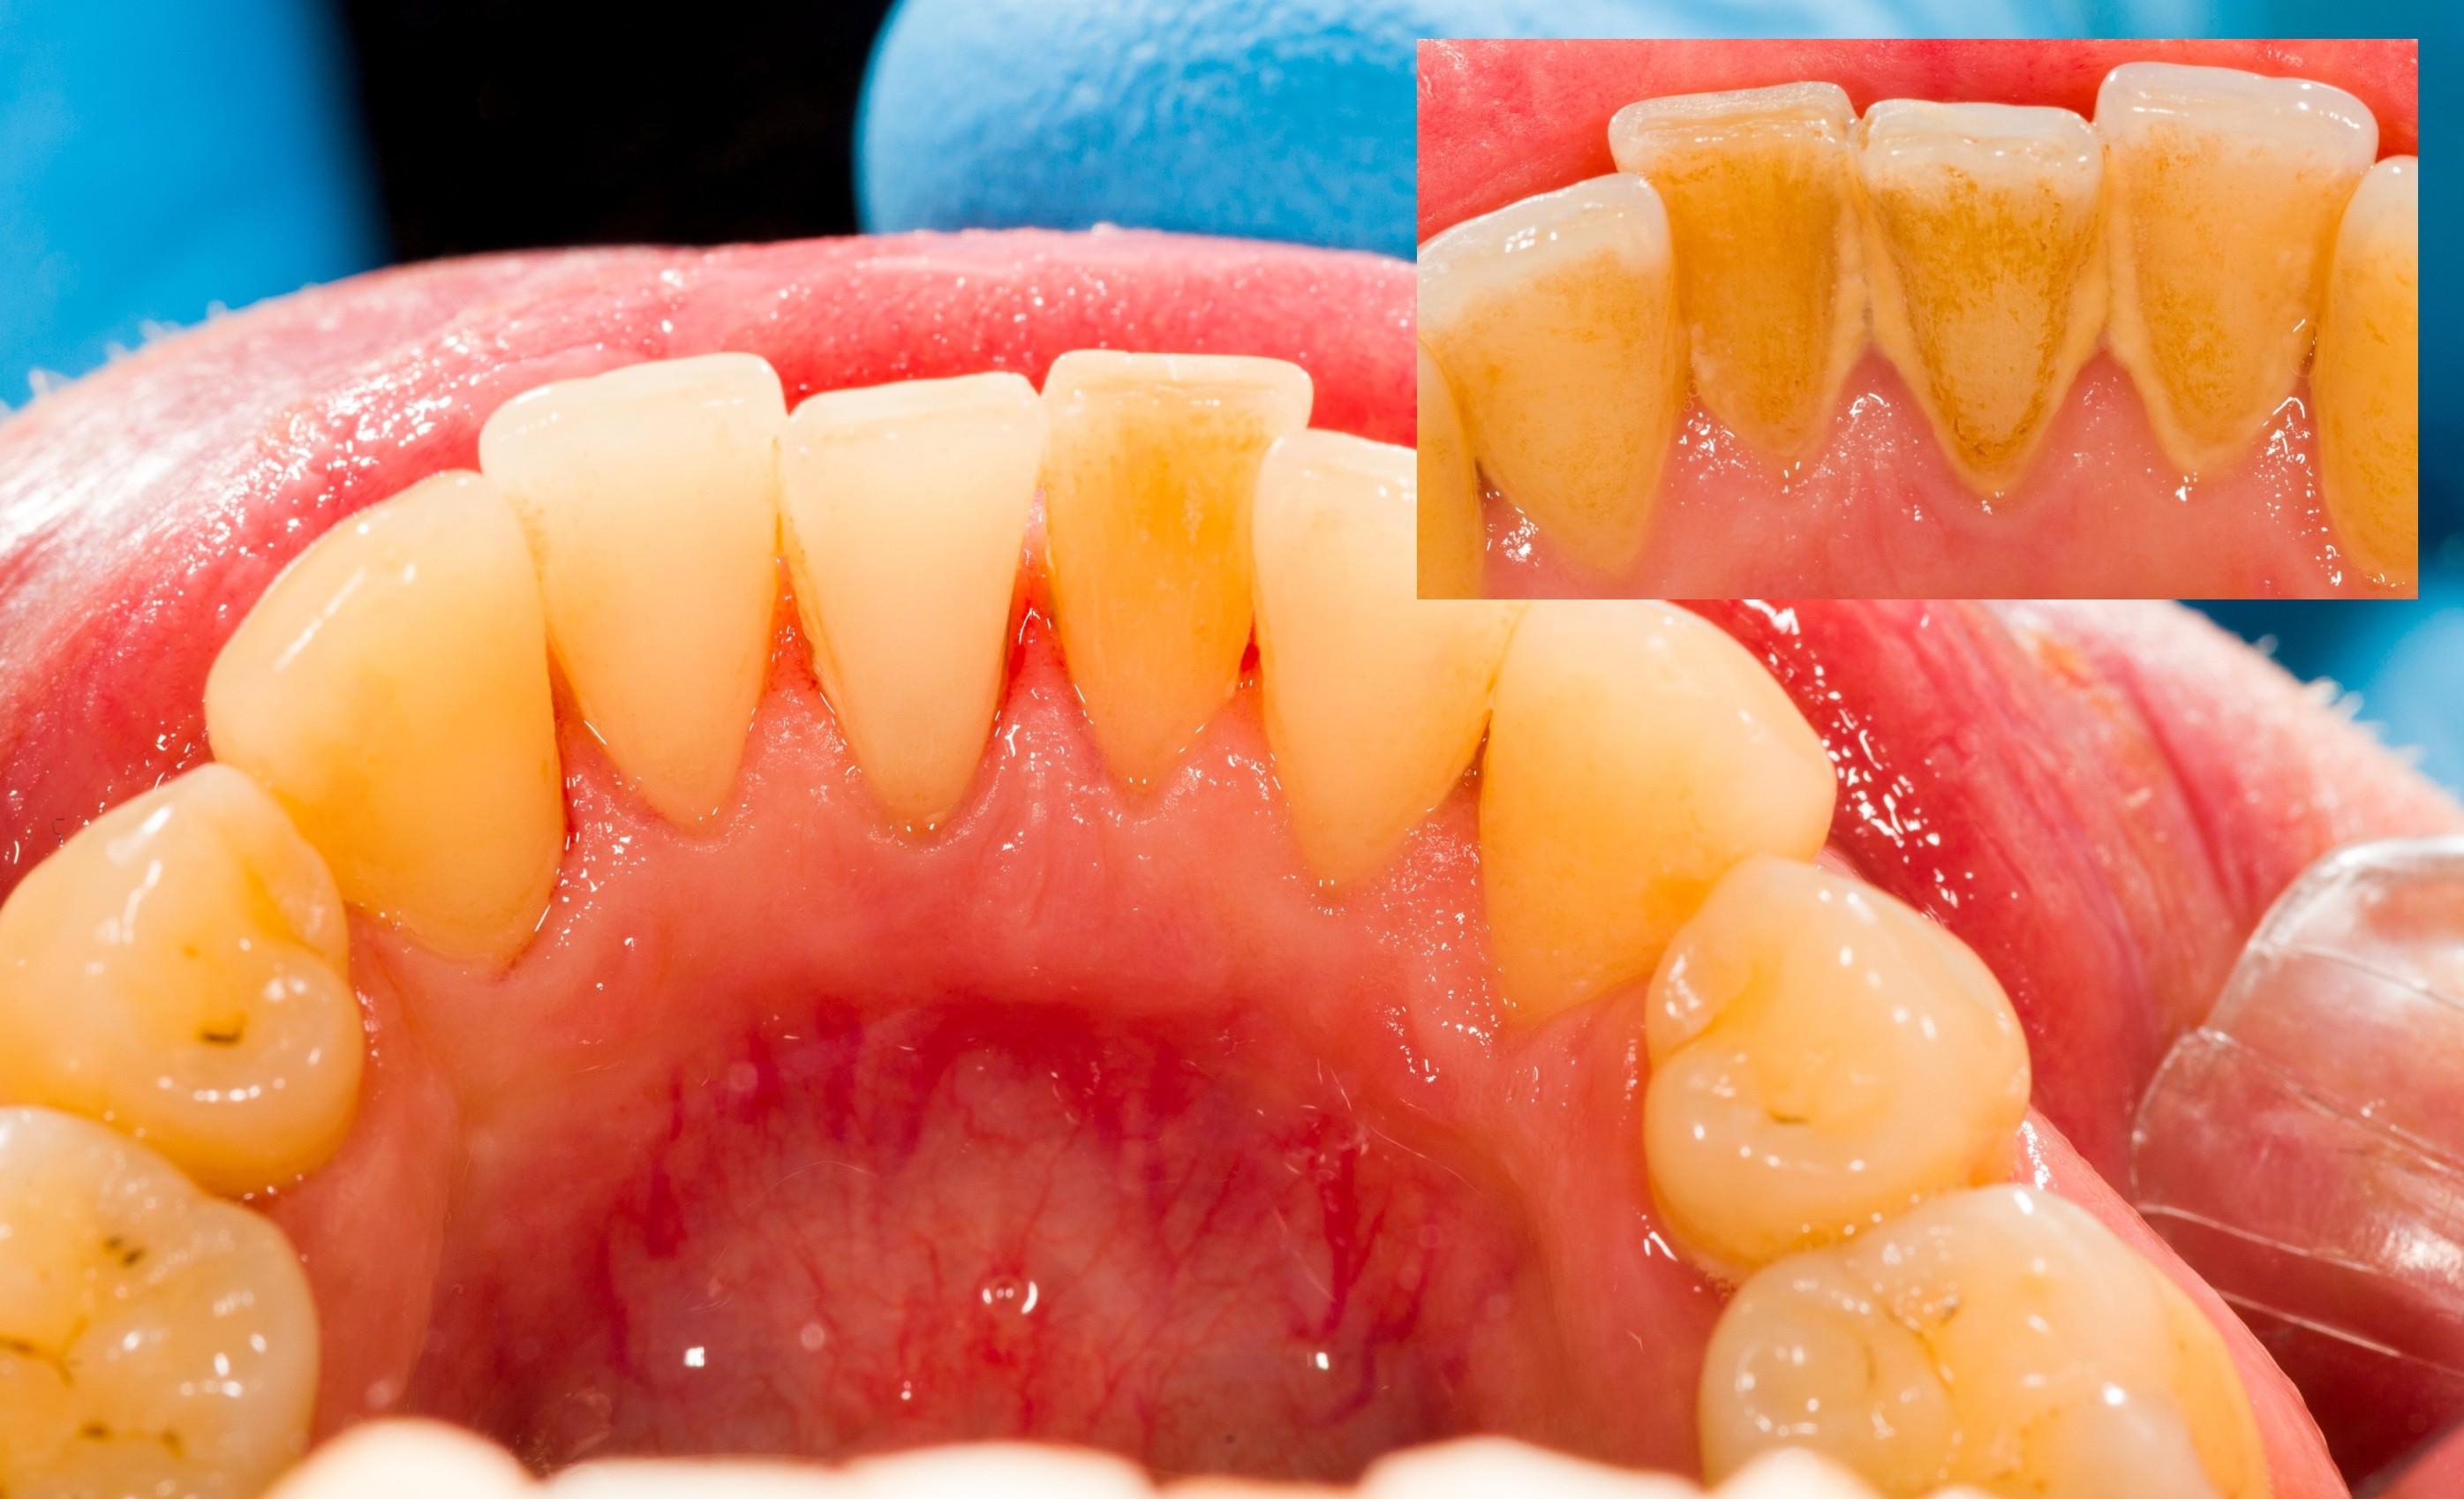 Зубной камень: почему образуется, причины возникновения